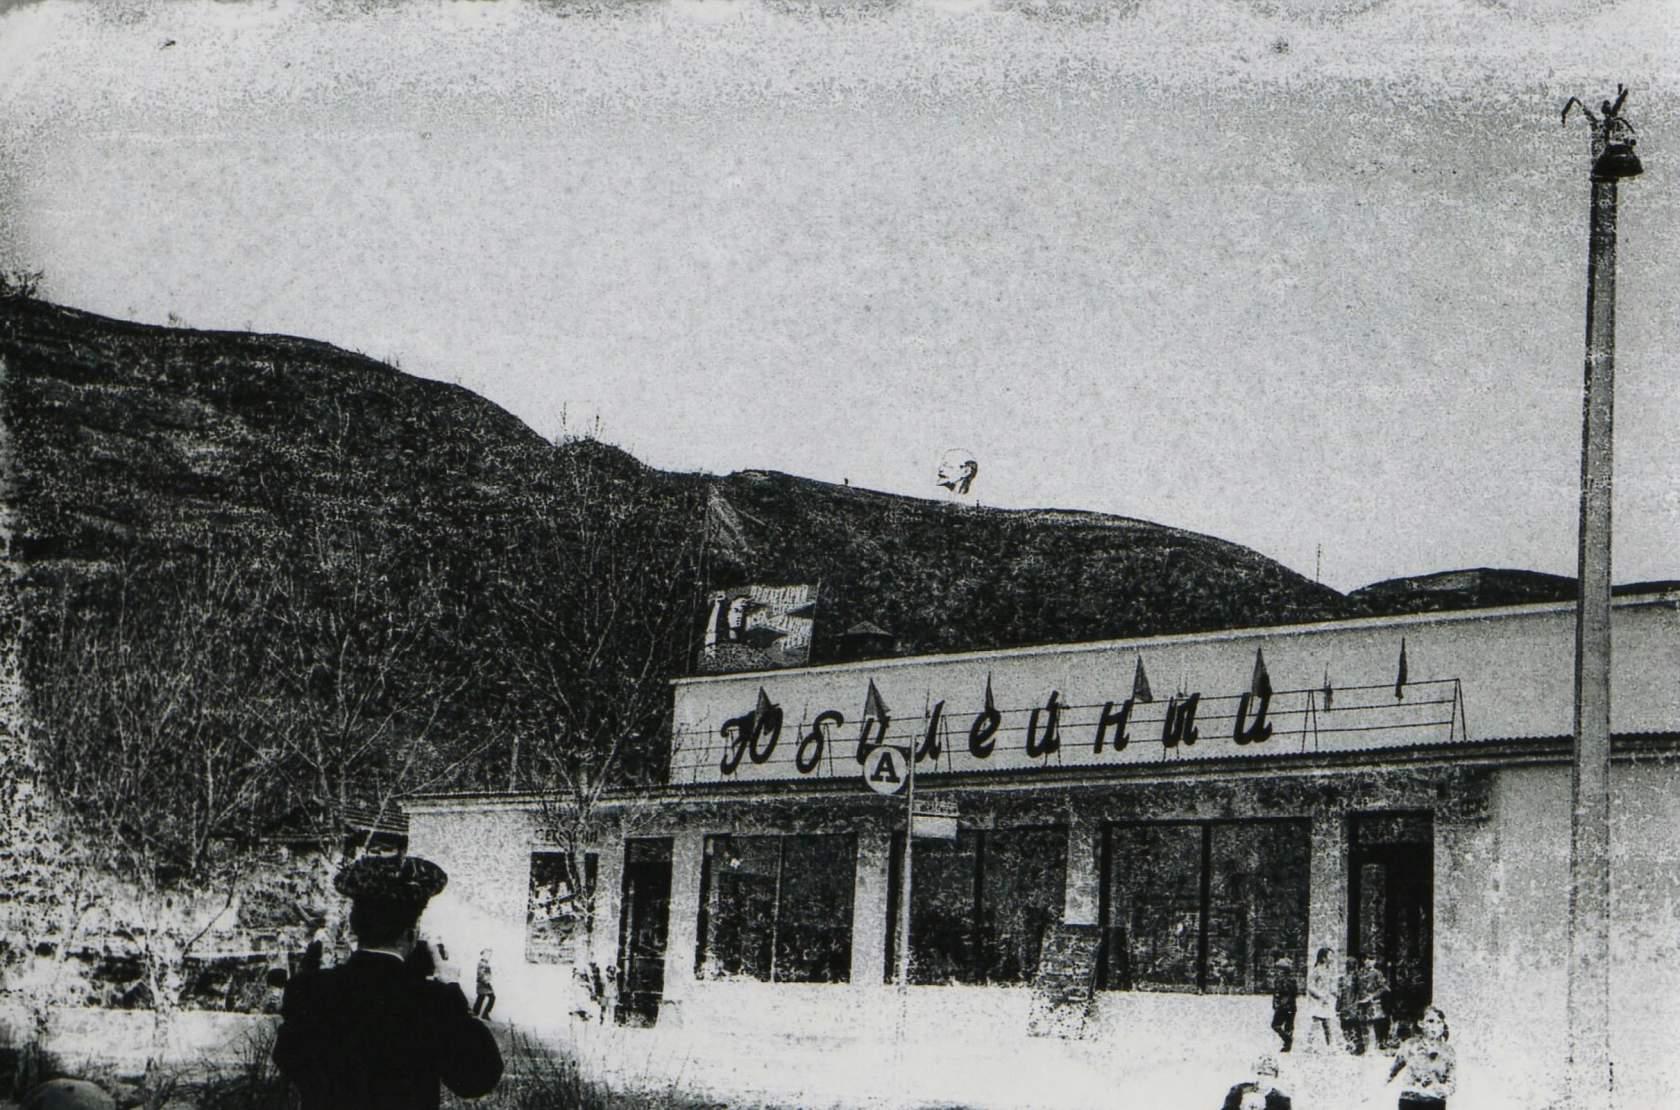 Кинотеатр 'Юбилейный' в Южном распадке в г. Невельск. На сопке виднеется силуэт В.И. Ленина